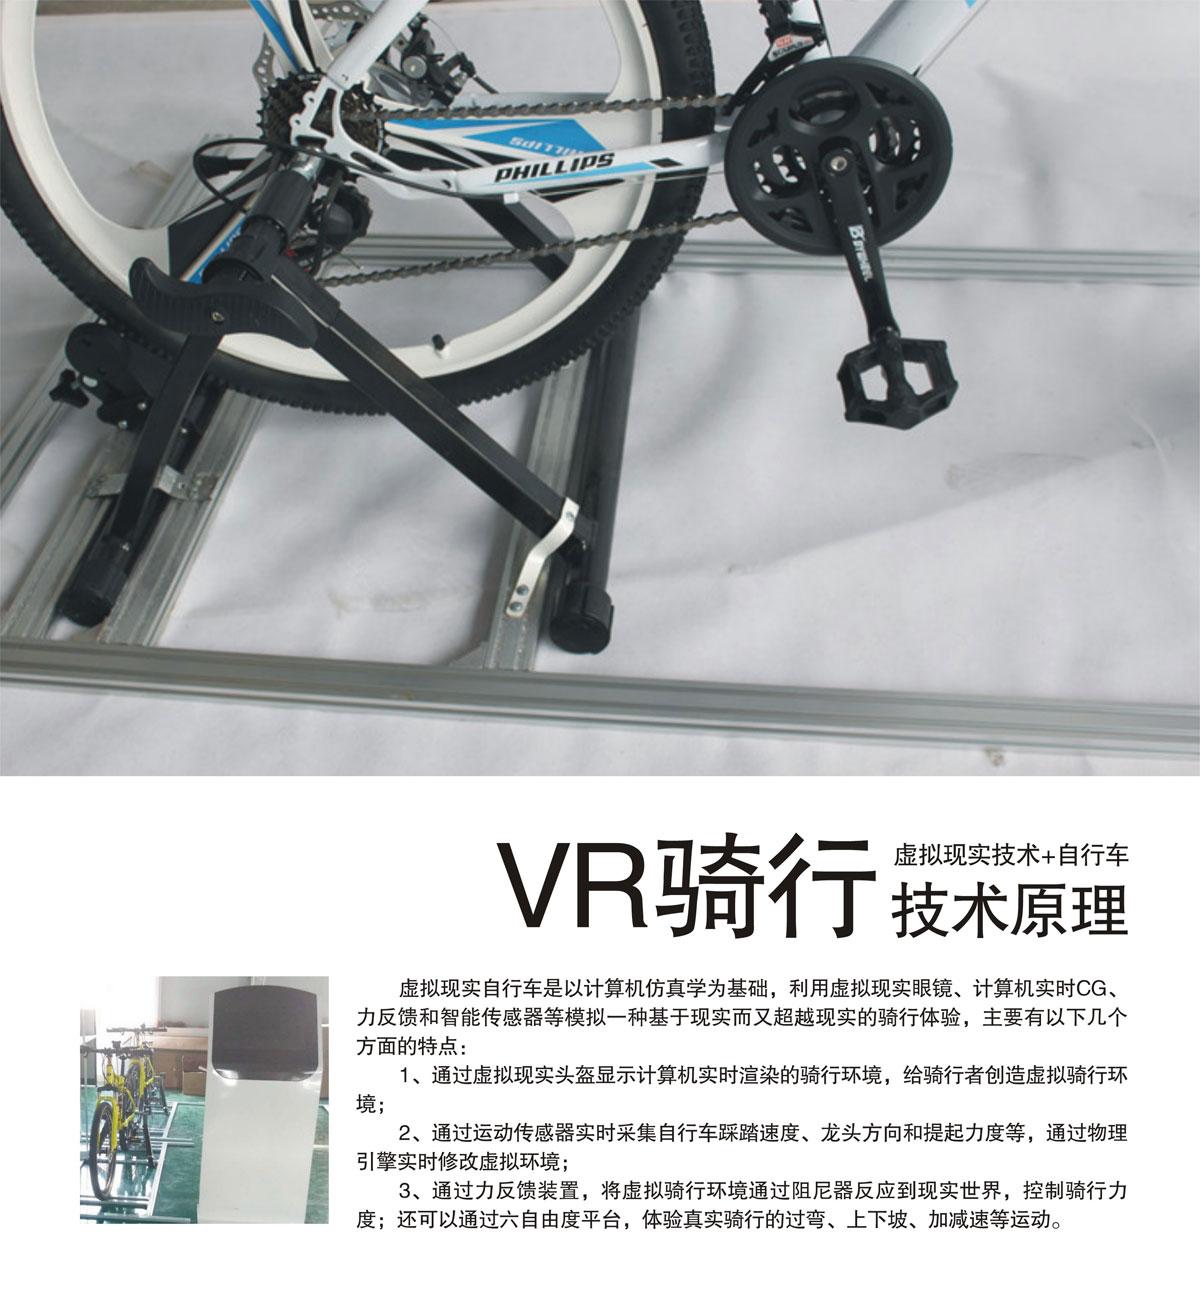 安全体验VR骑行技术原理.jpg